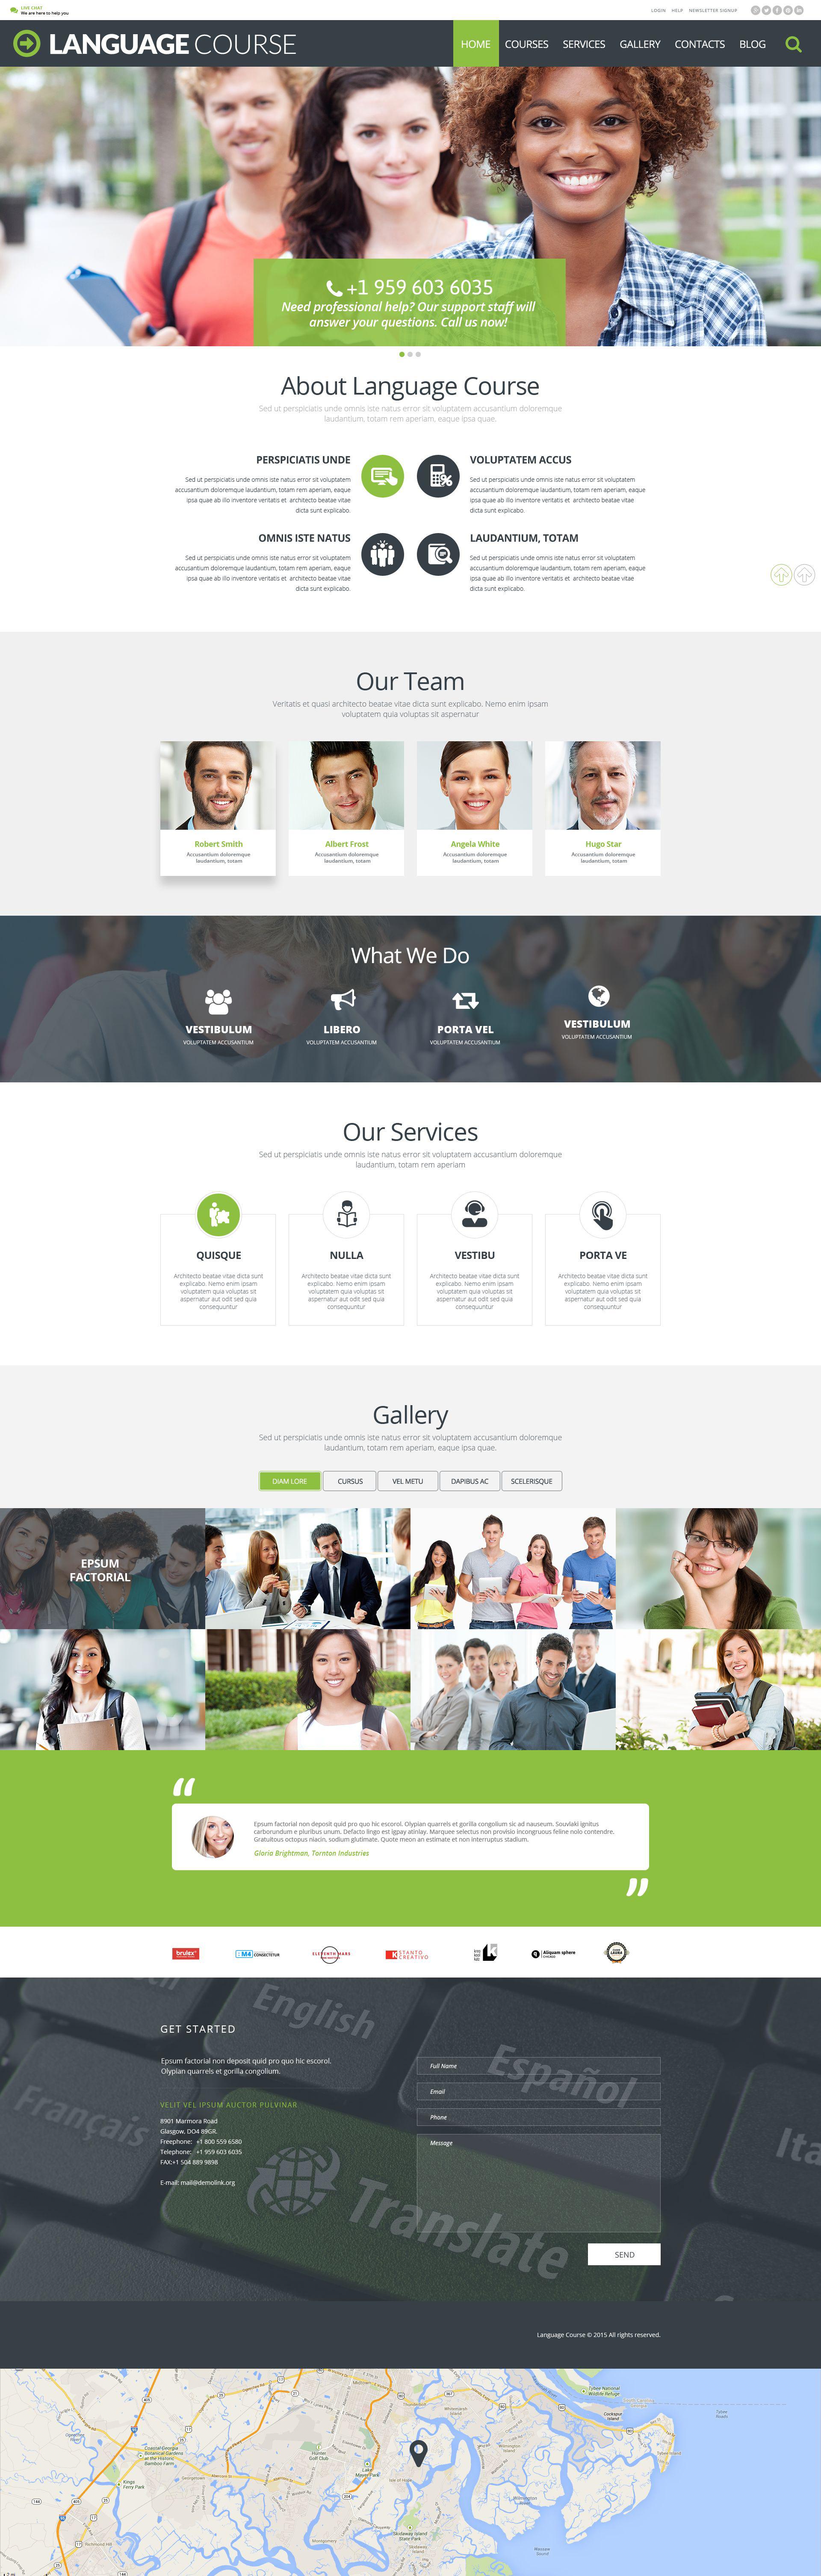 Responsywny motyw WordPress Language Course #54991 - zrzut ekranu